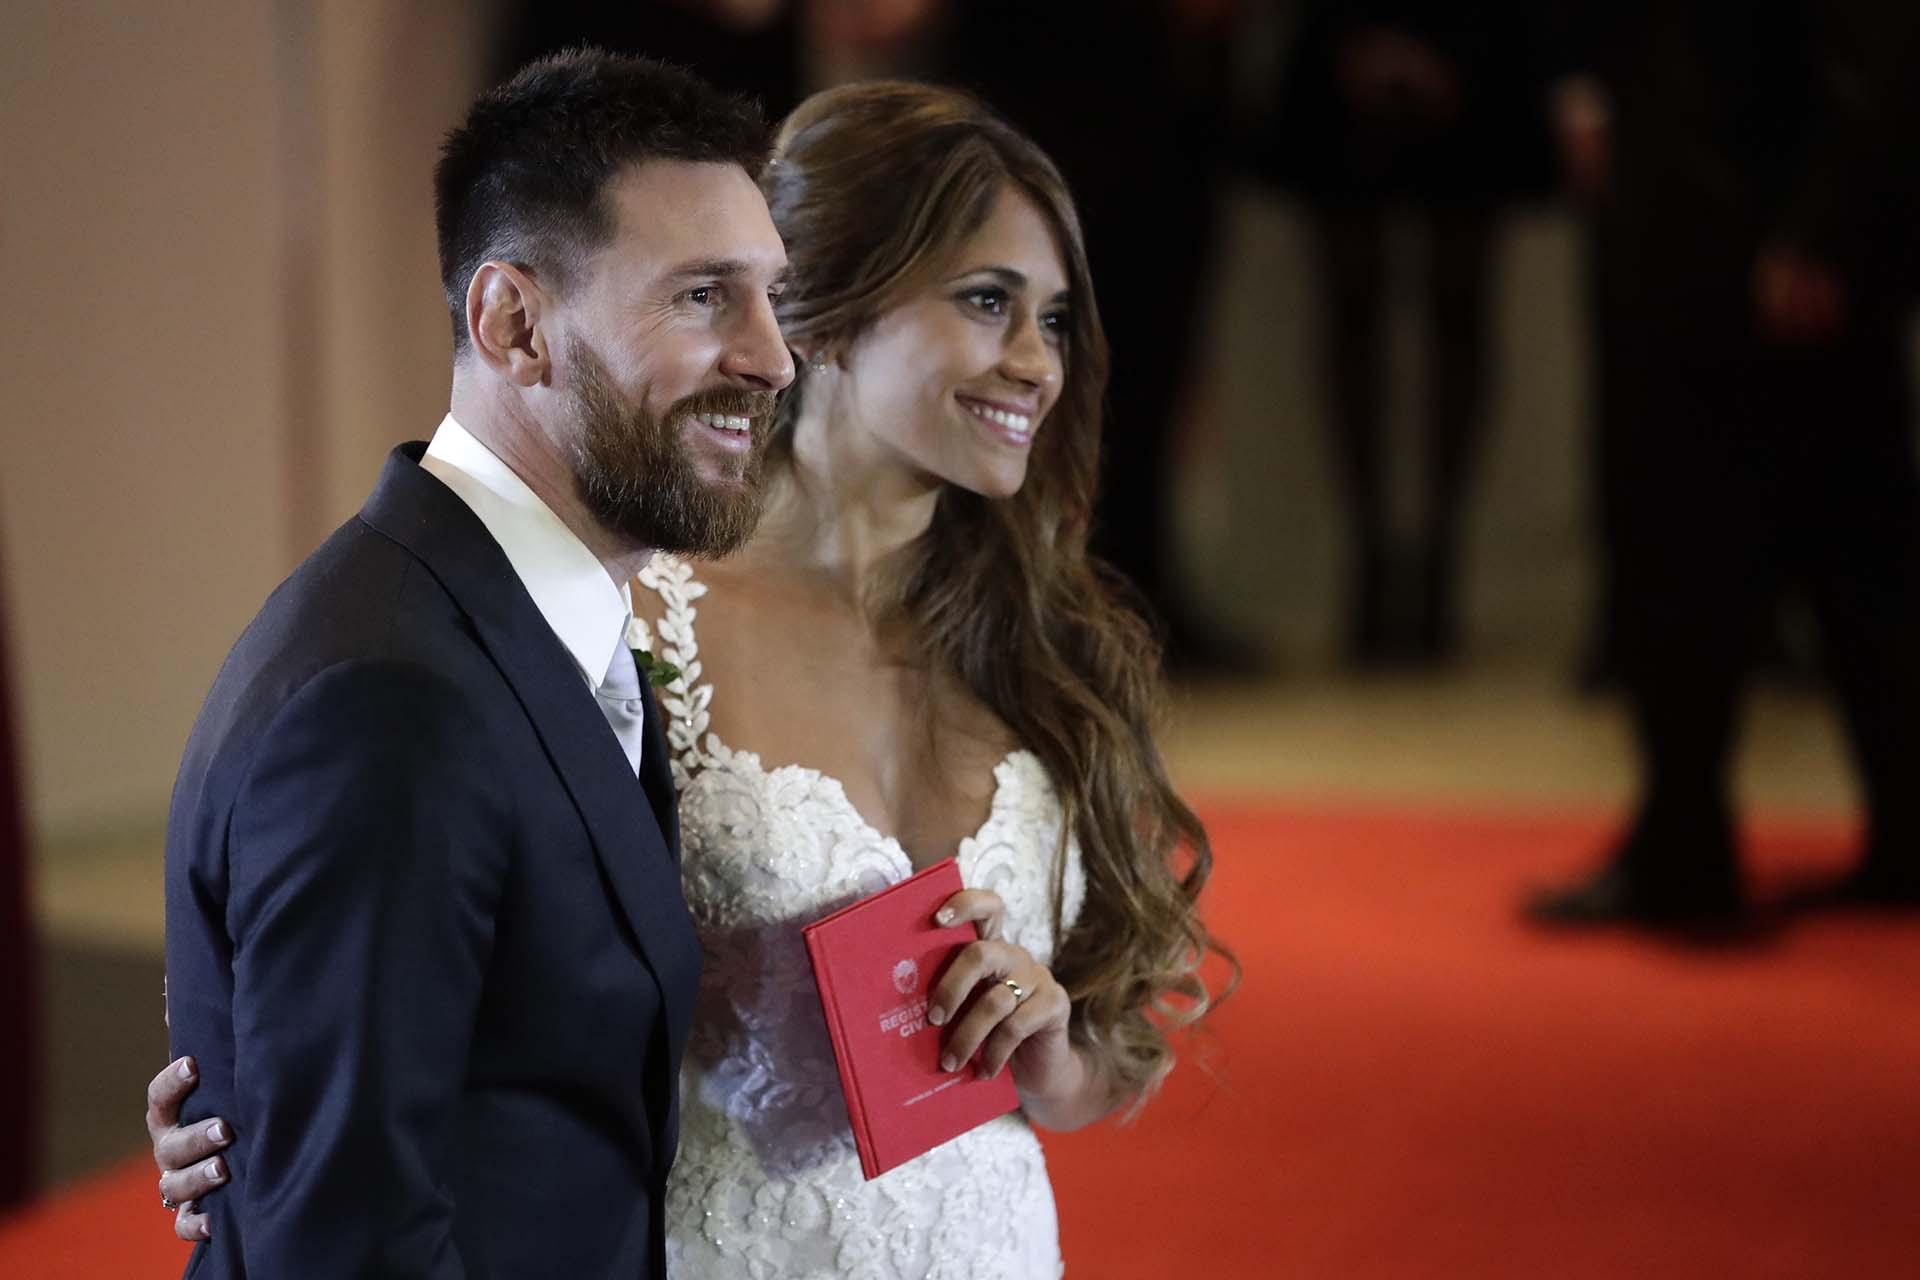 Lionel Messi y Antonela Roccuzzo posan para los fotógrafos luego de contraer matrimonio en Rosario